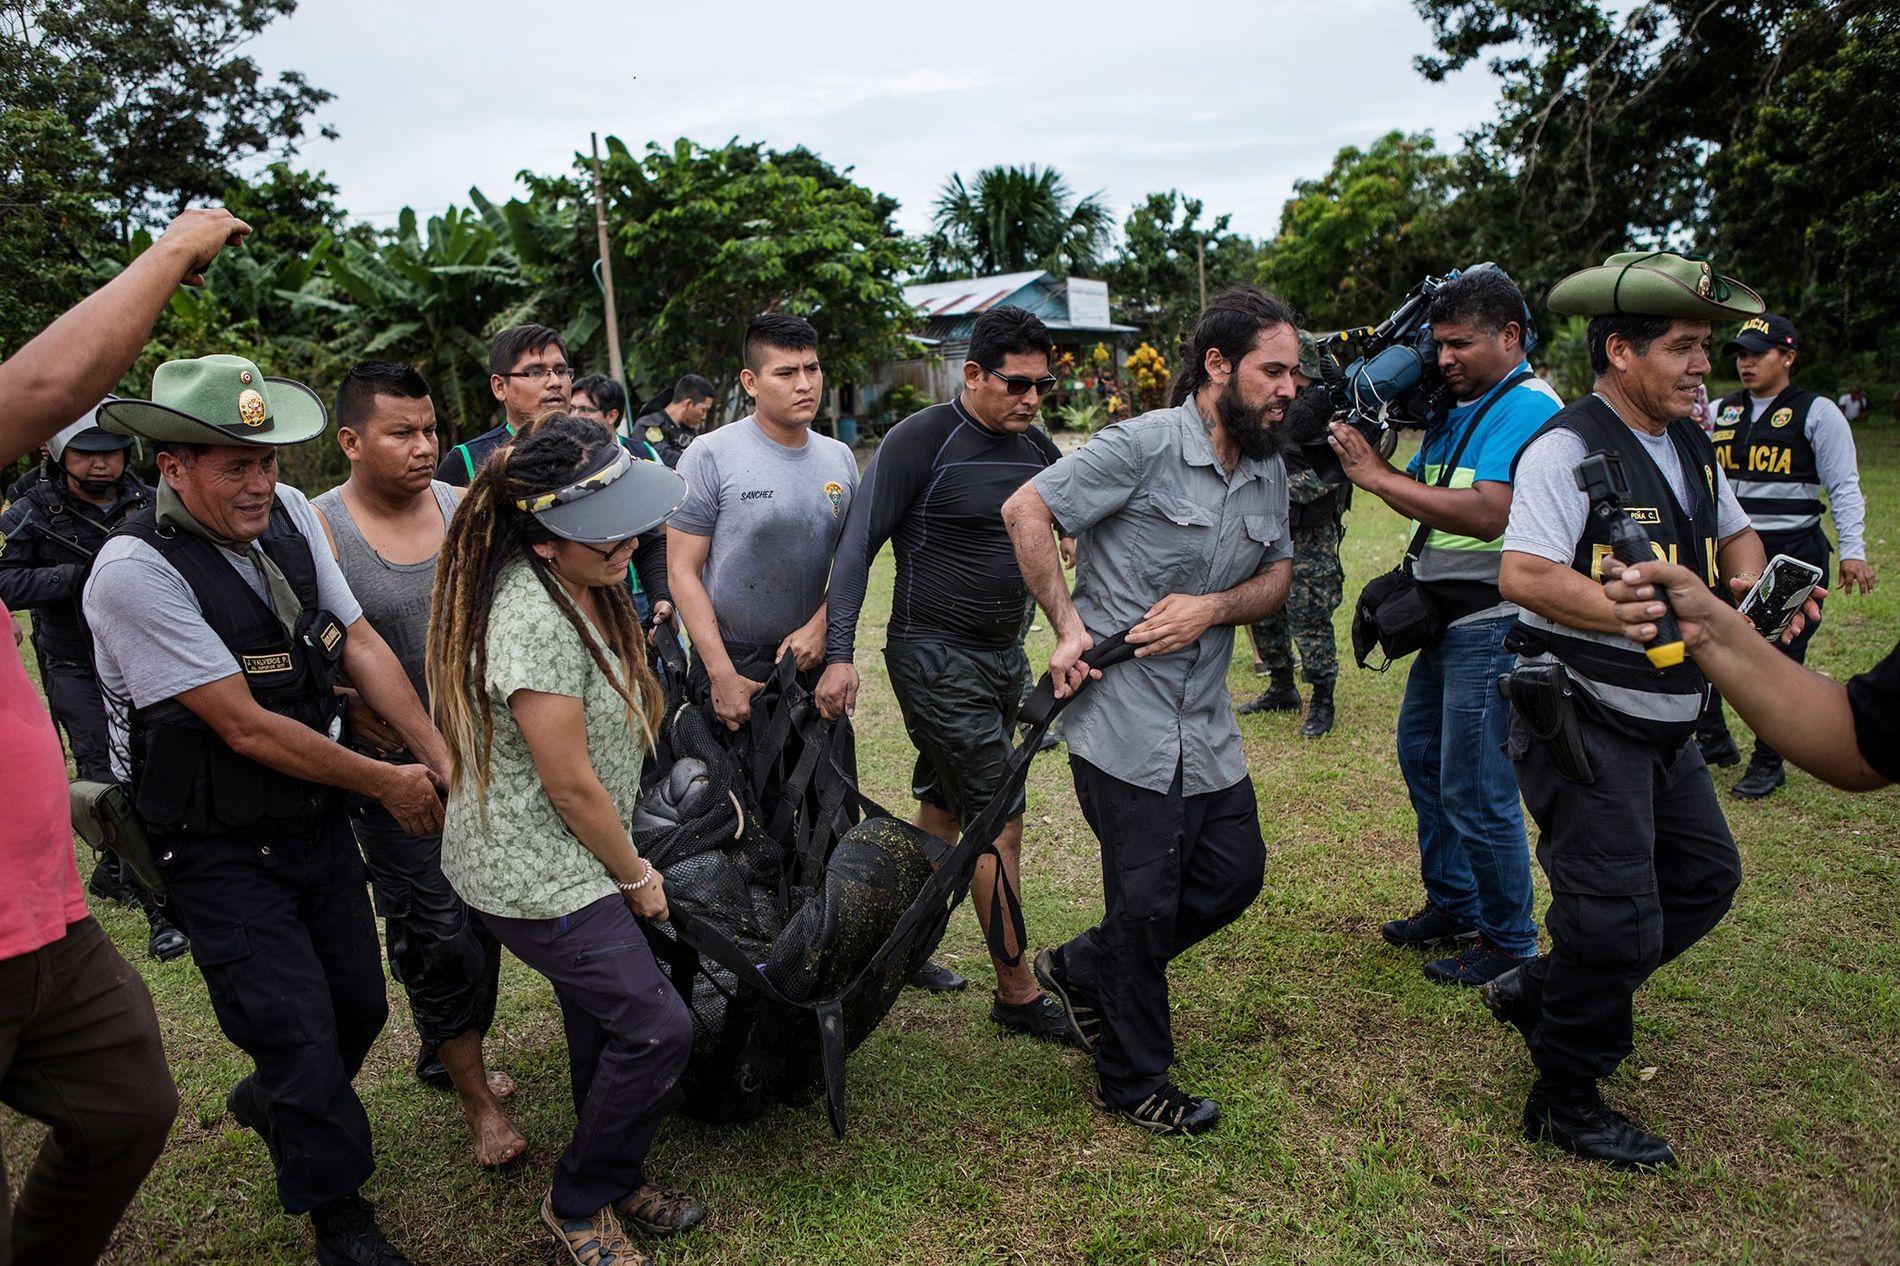 Polizisten und Tierärzte schleppen ein Manati zum wartenden Boot. Das Manati wurde in einem Teich gehalten, ...